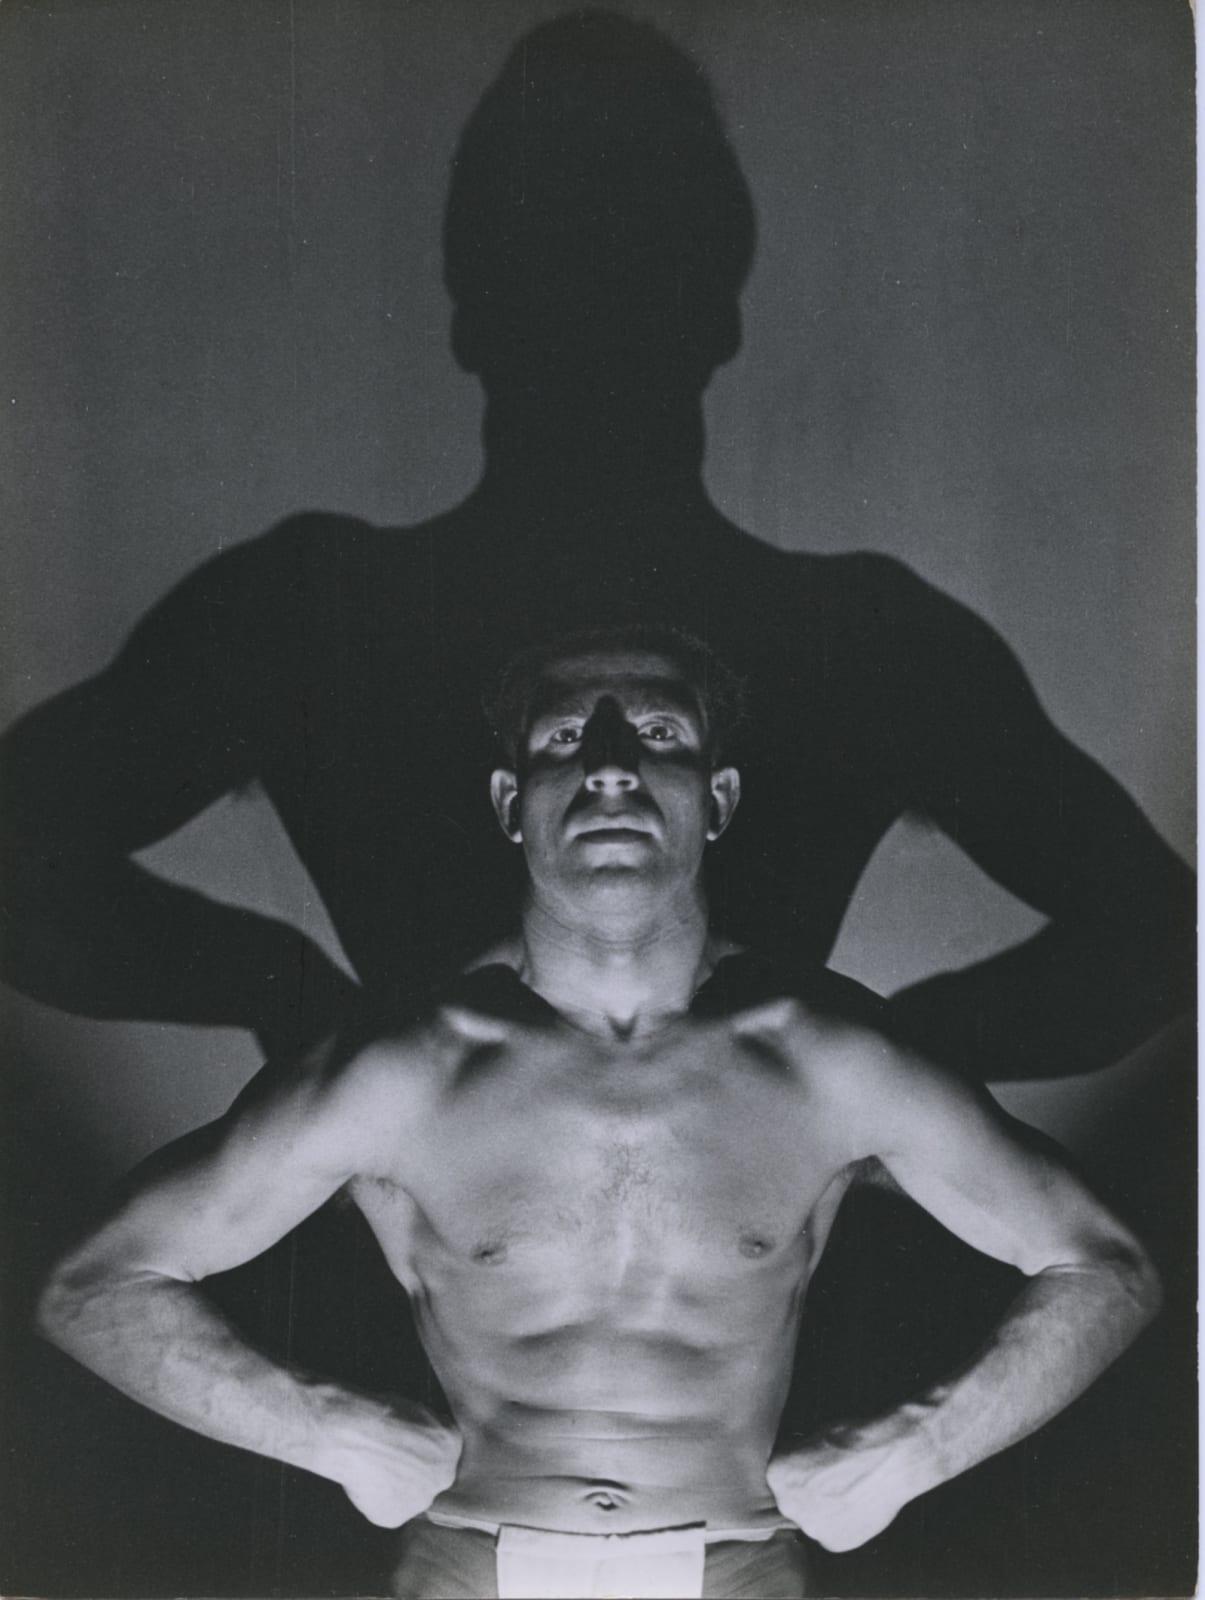 André Steiner Sans titre Tirage gélatino-argentique d'époque 24,2 x 18 cm Dim. papier: 24,2 x 18 cm